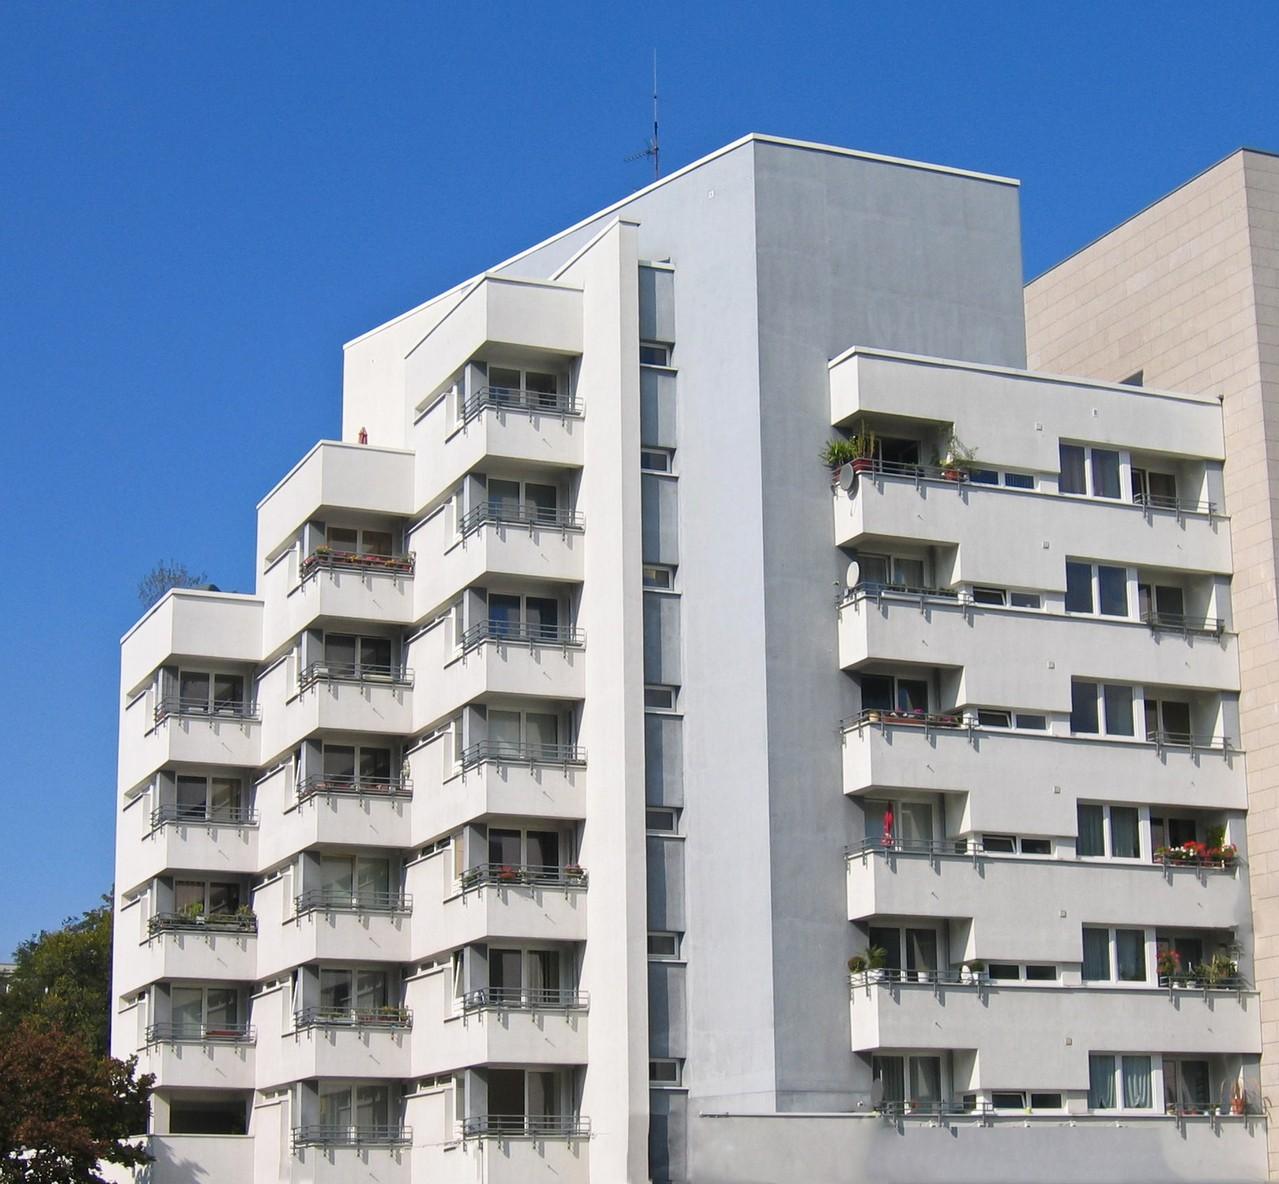 Jak sprawić, żeby mieszkanie było bardziej przytulne?